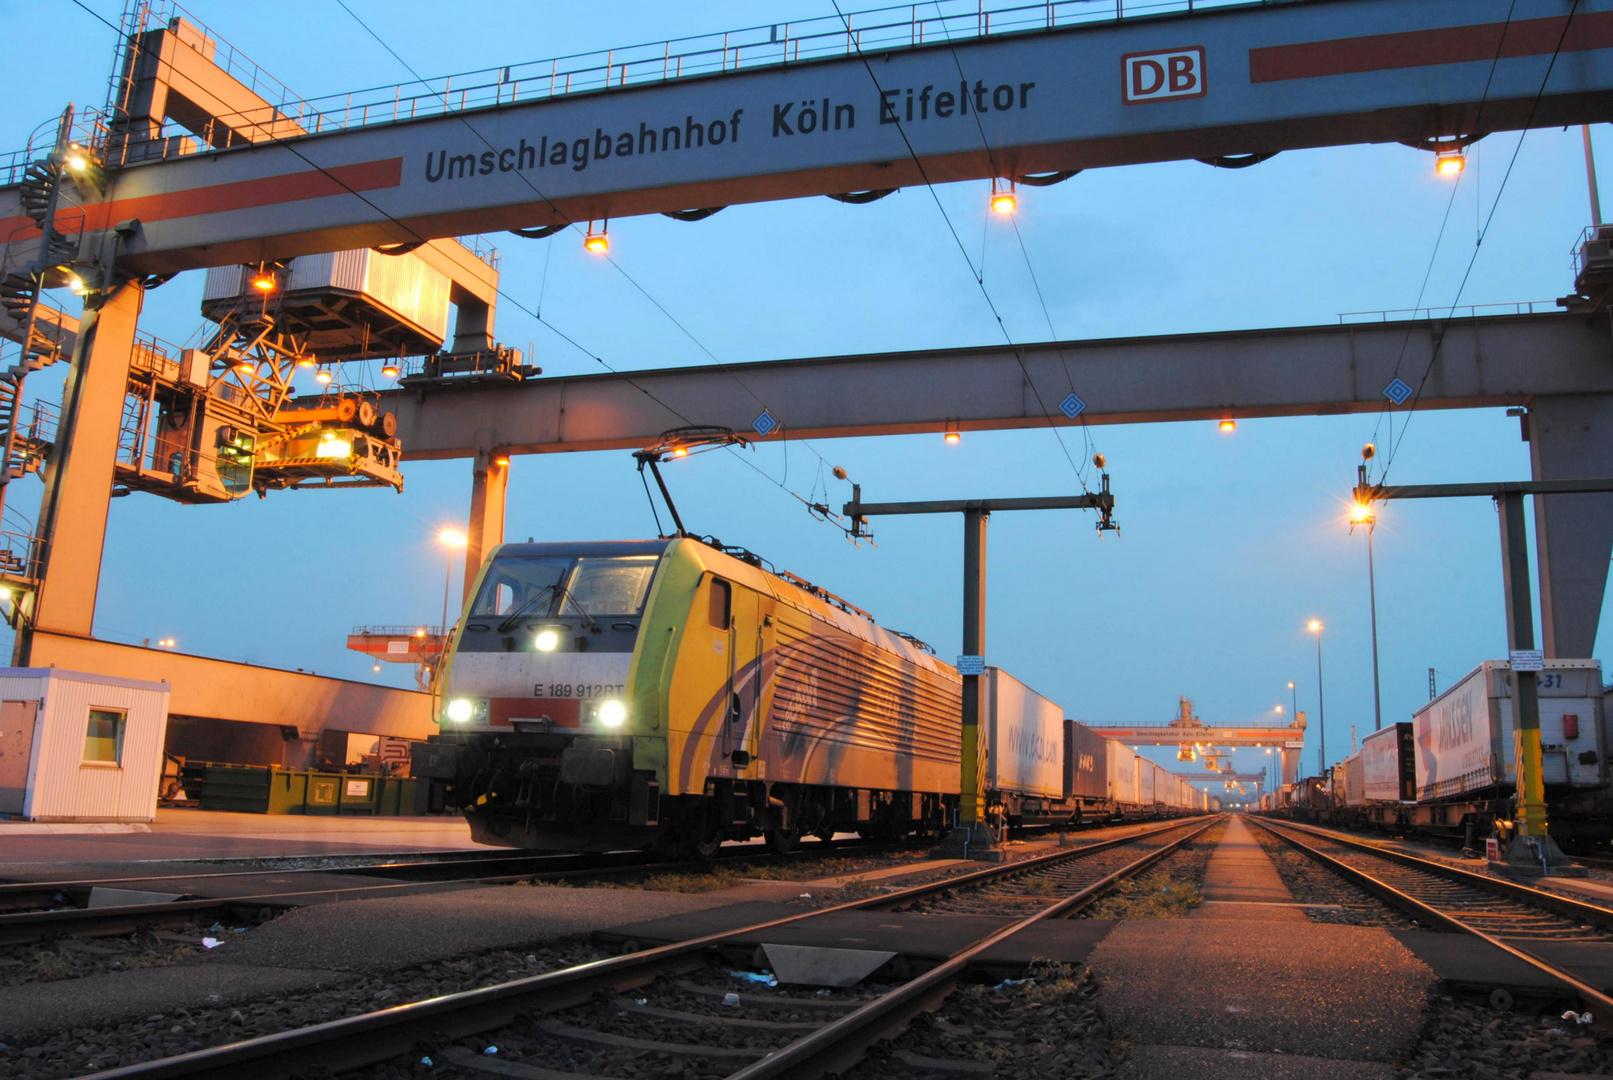 Lokomotion 189 912-9 in Köln - Eifeltor